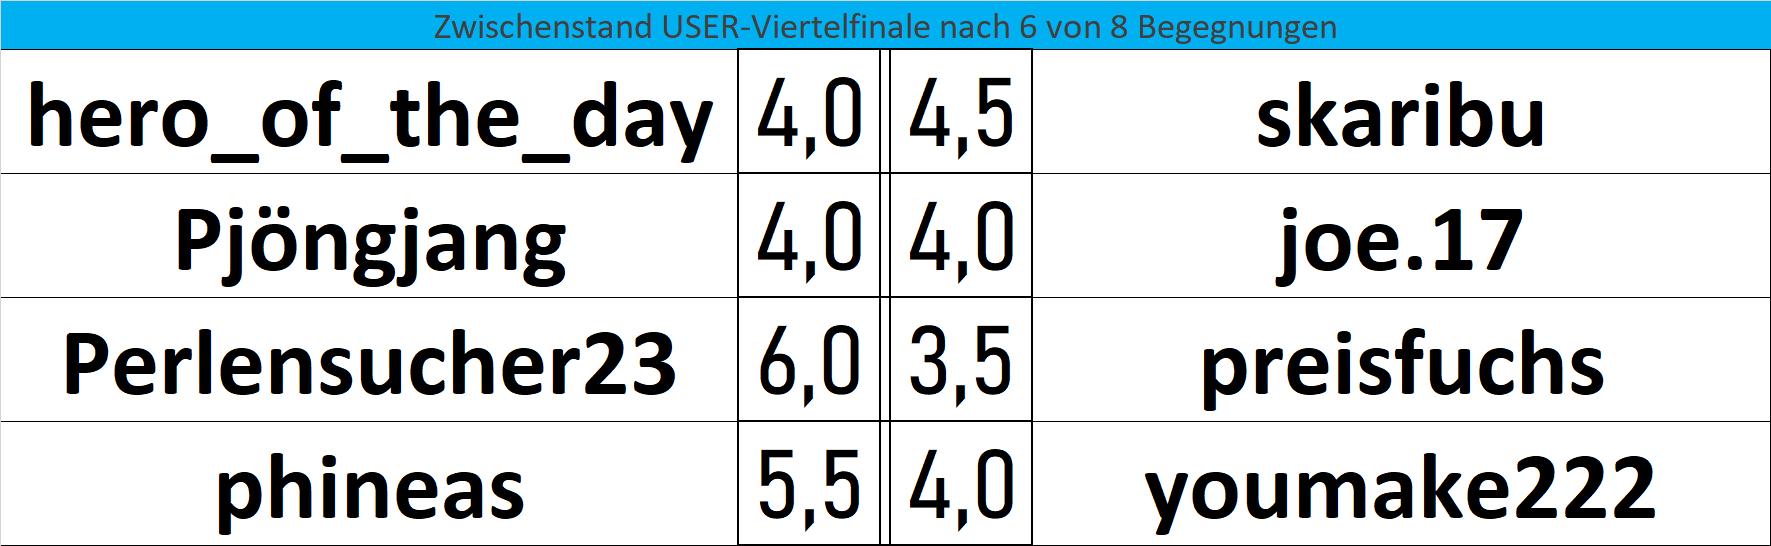 user_viertelefinale_r__ckspiele_2.png